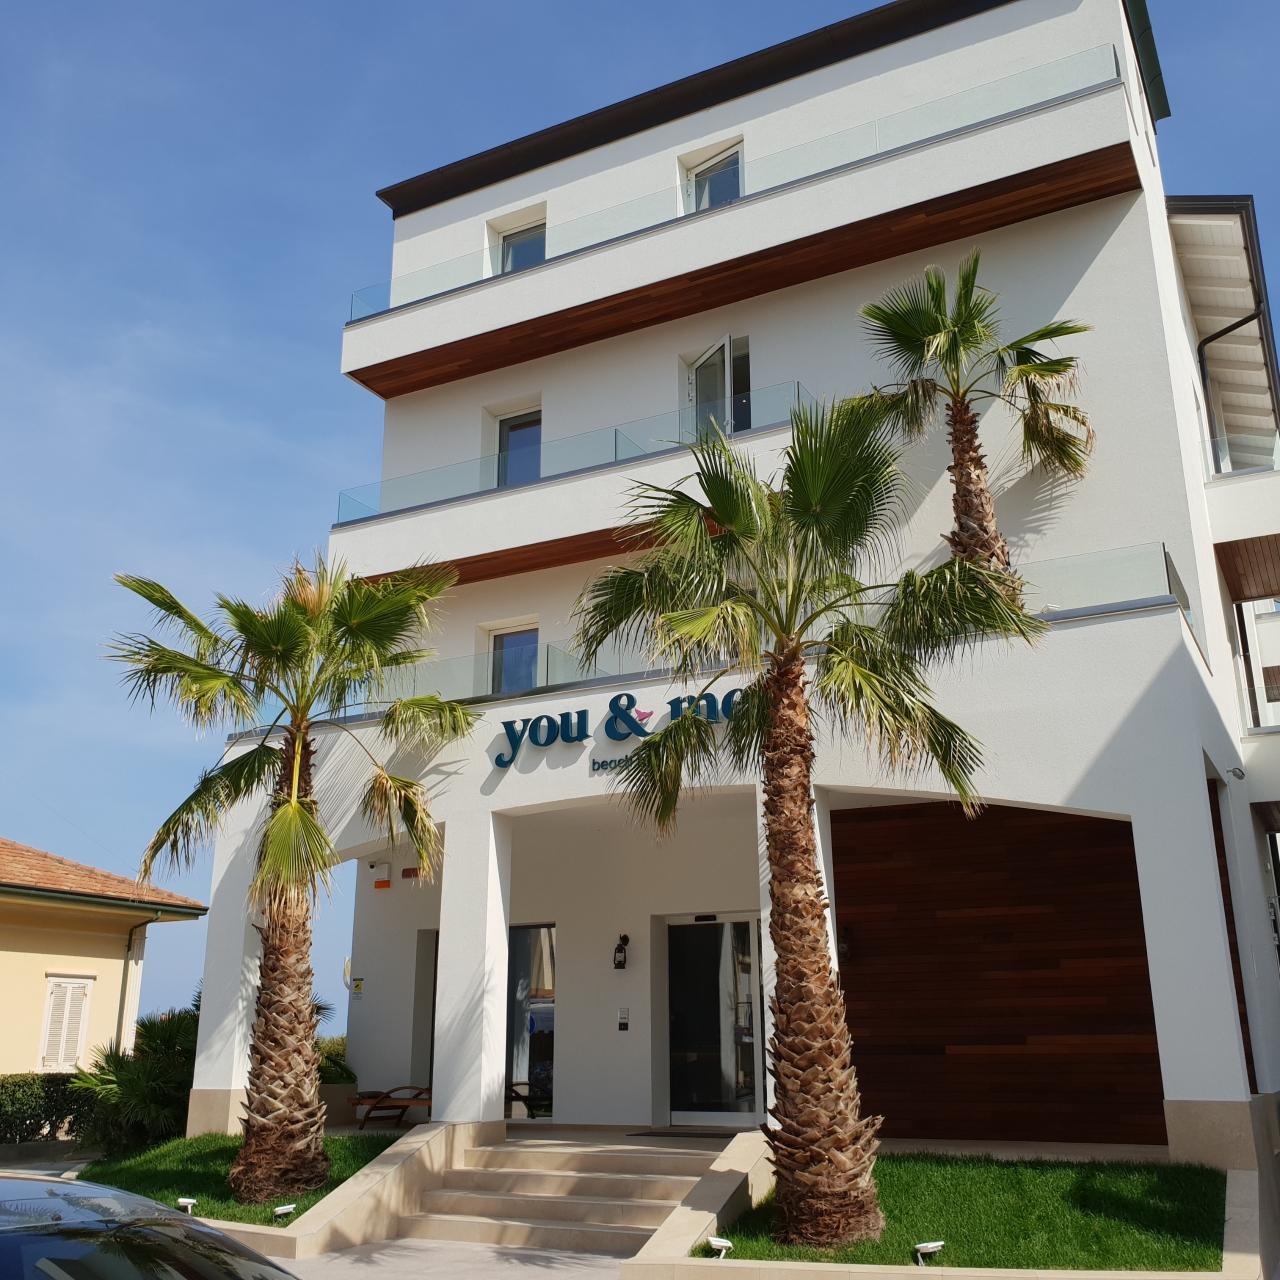 You Me Beach Hotel 3 Hrs Star Hotel In Rimini Emilia Romagna